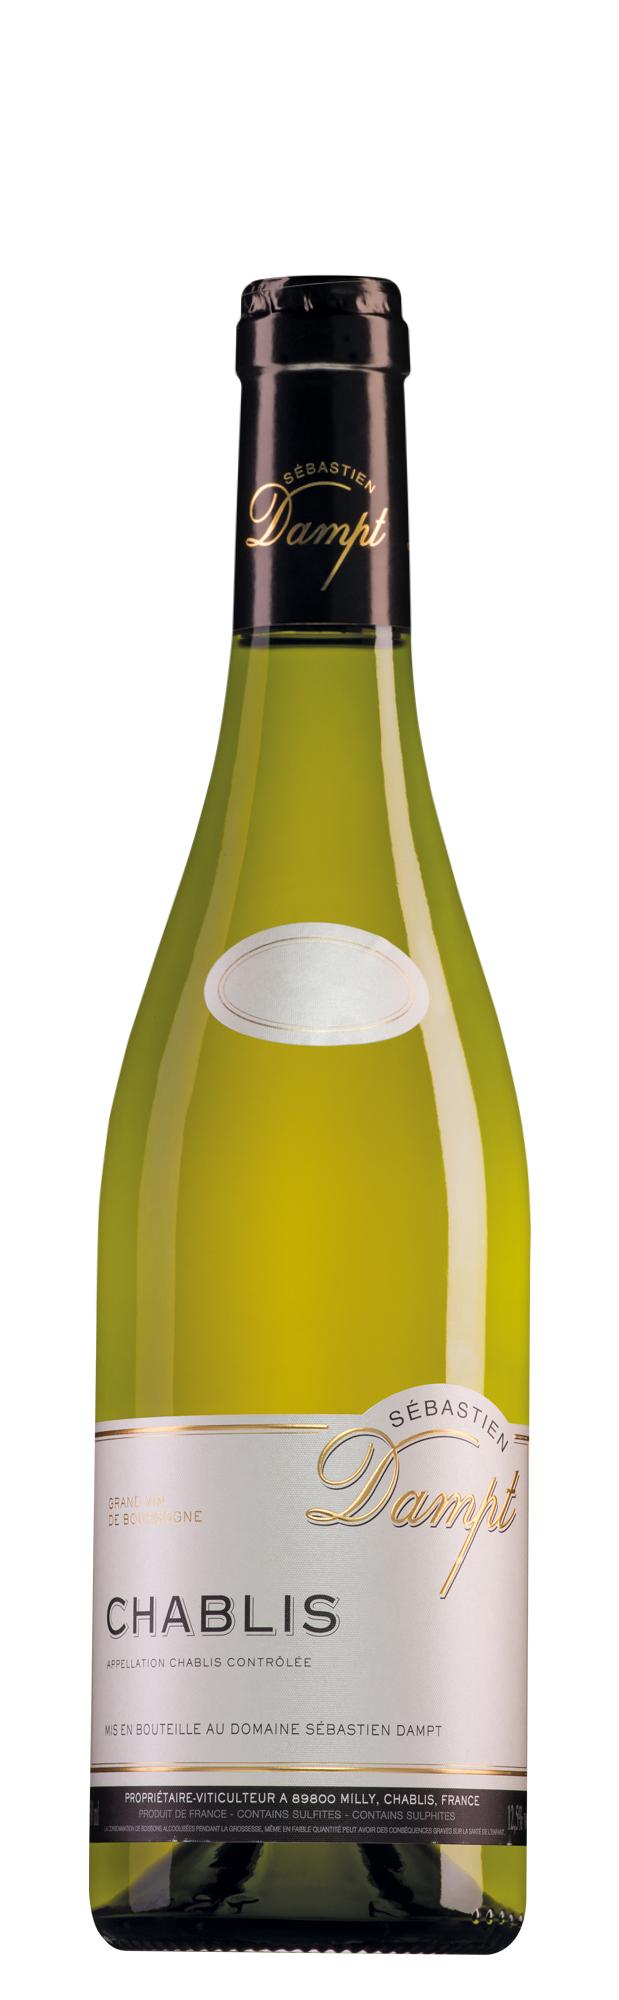 Domaine Sébastien Dampt Chablis halve fles